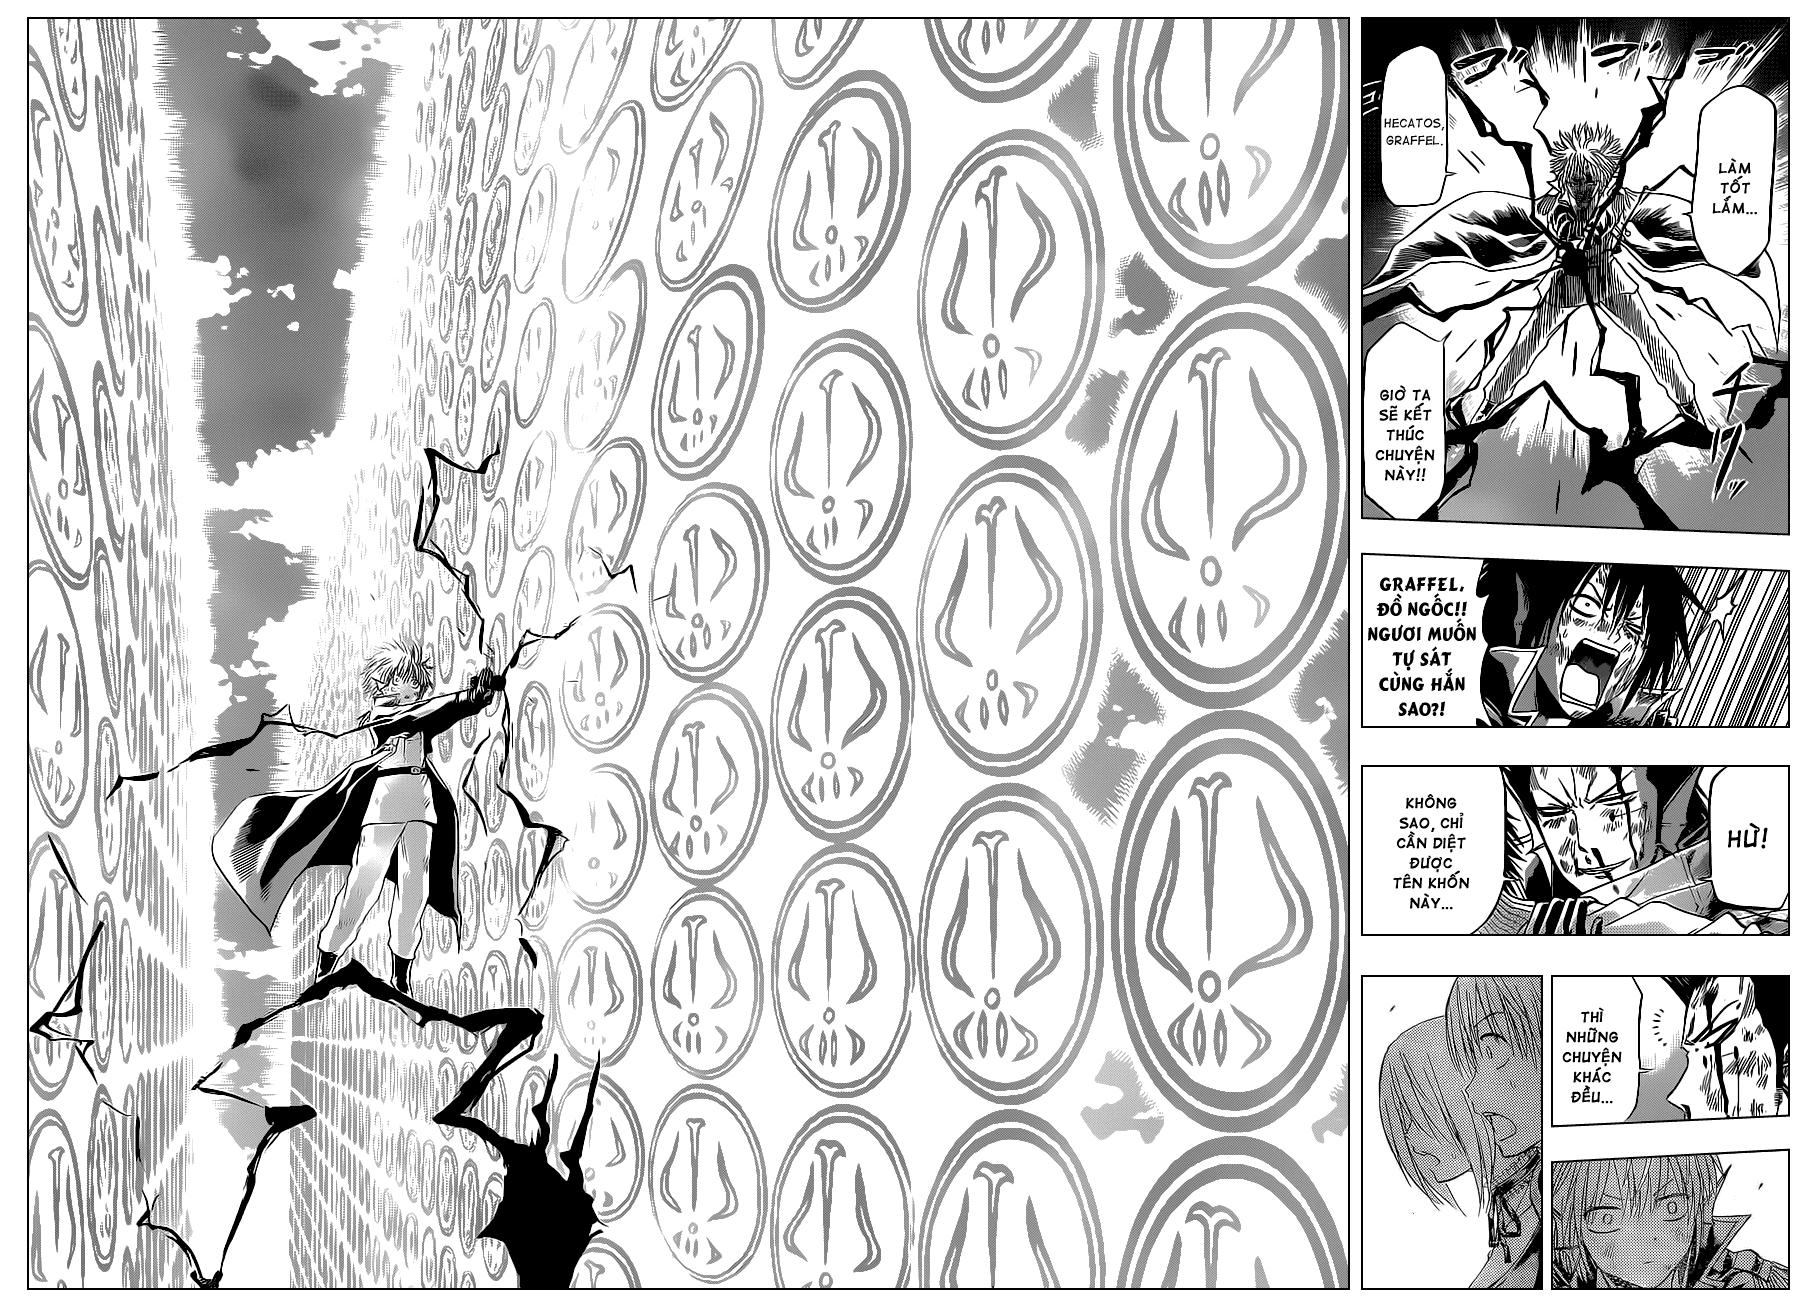 Vua Quỷ - Beelzebub tap 109 - 9